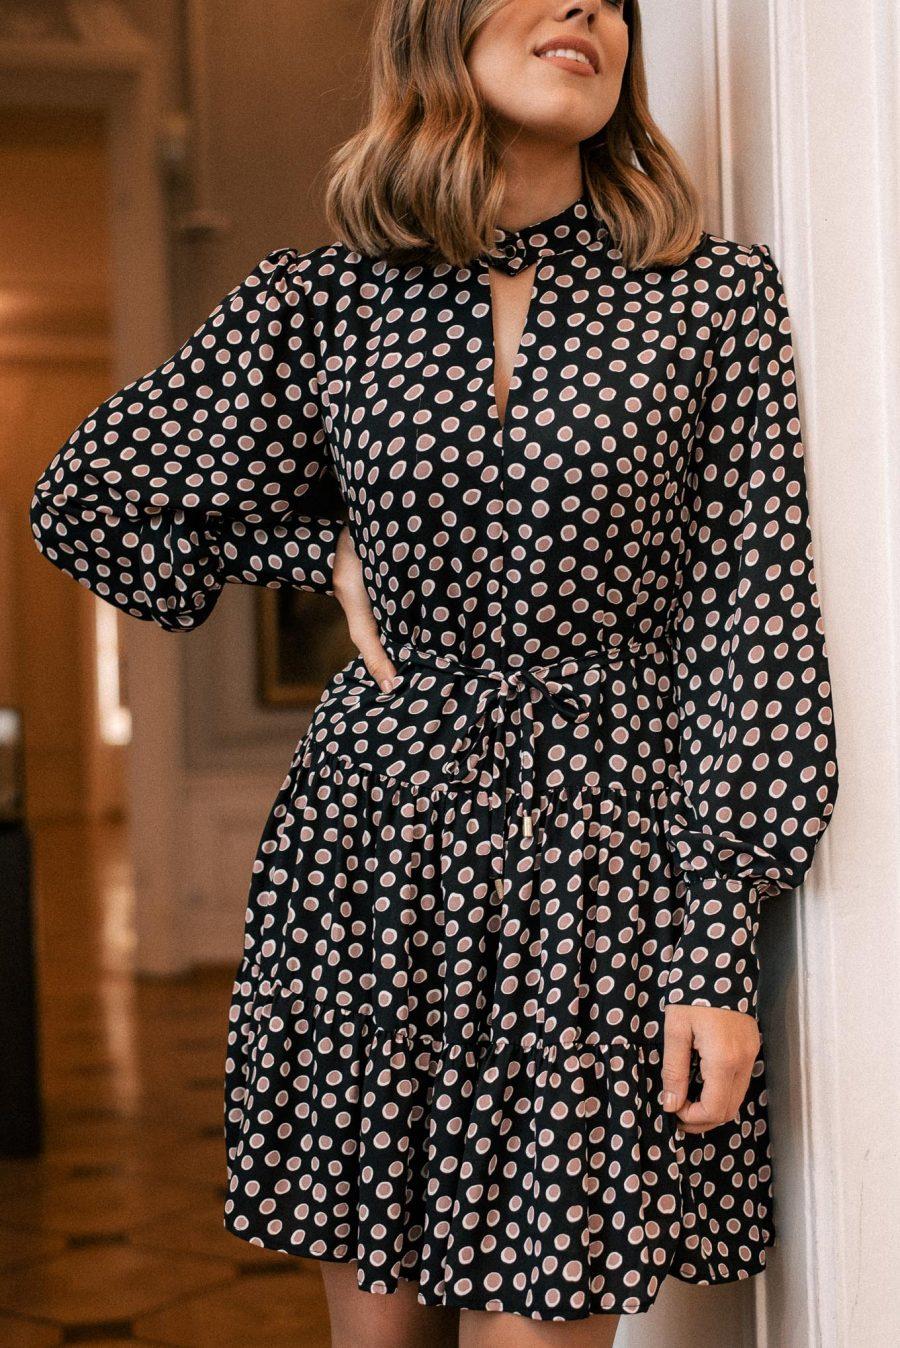 Alice polka dots dress in black